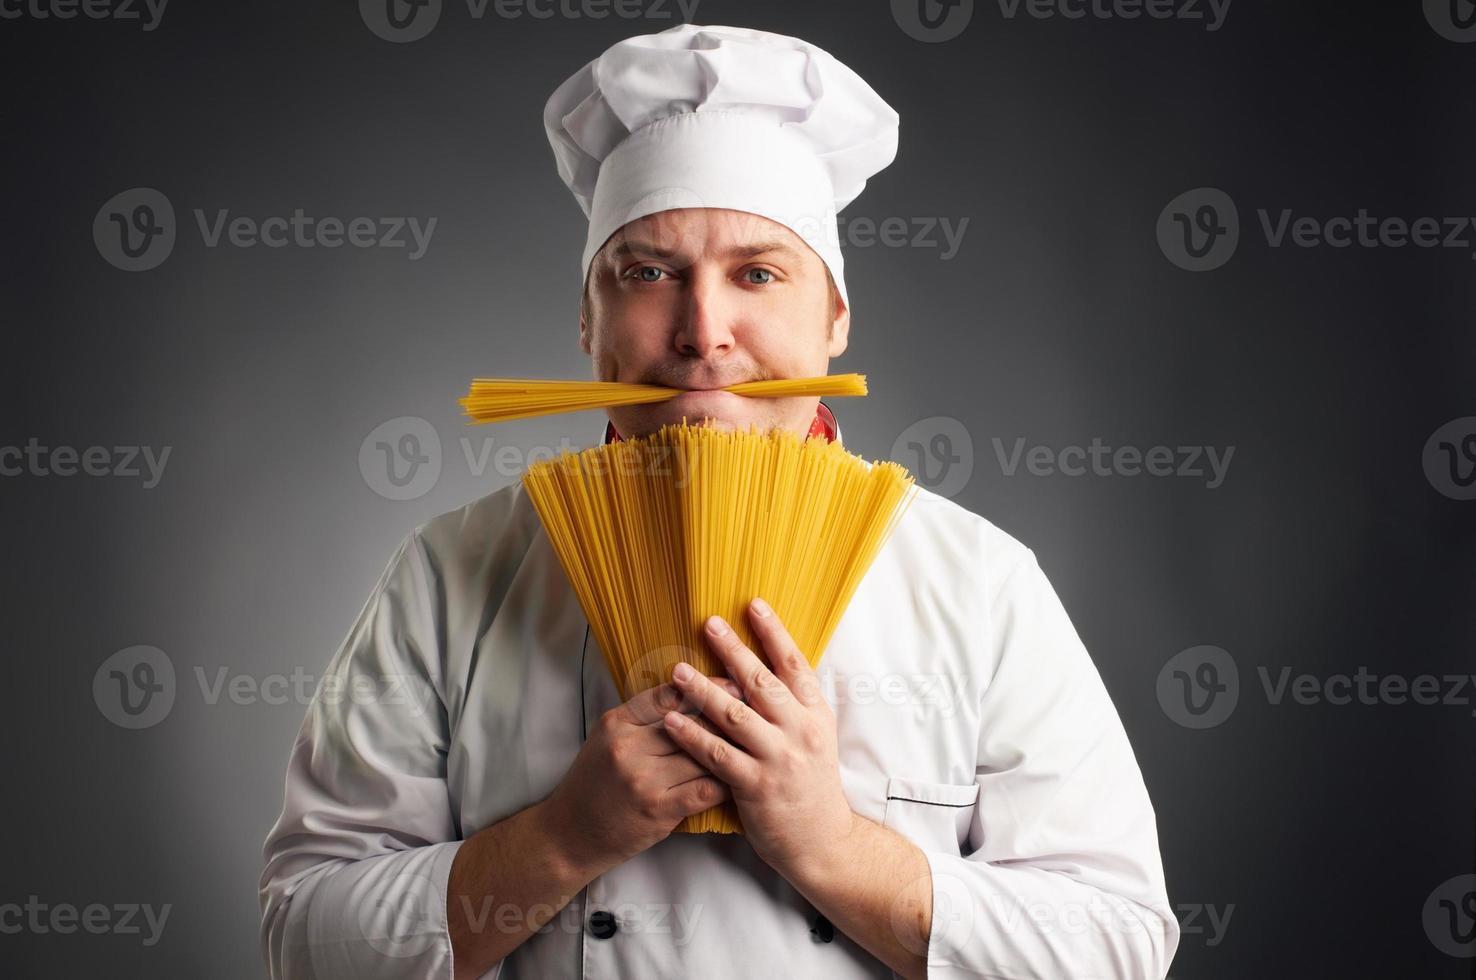 grappige kok met spaghetti in zijn mond foto